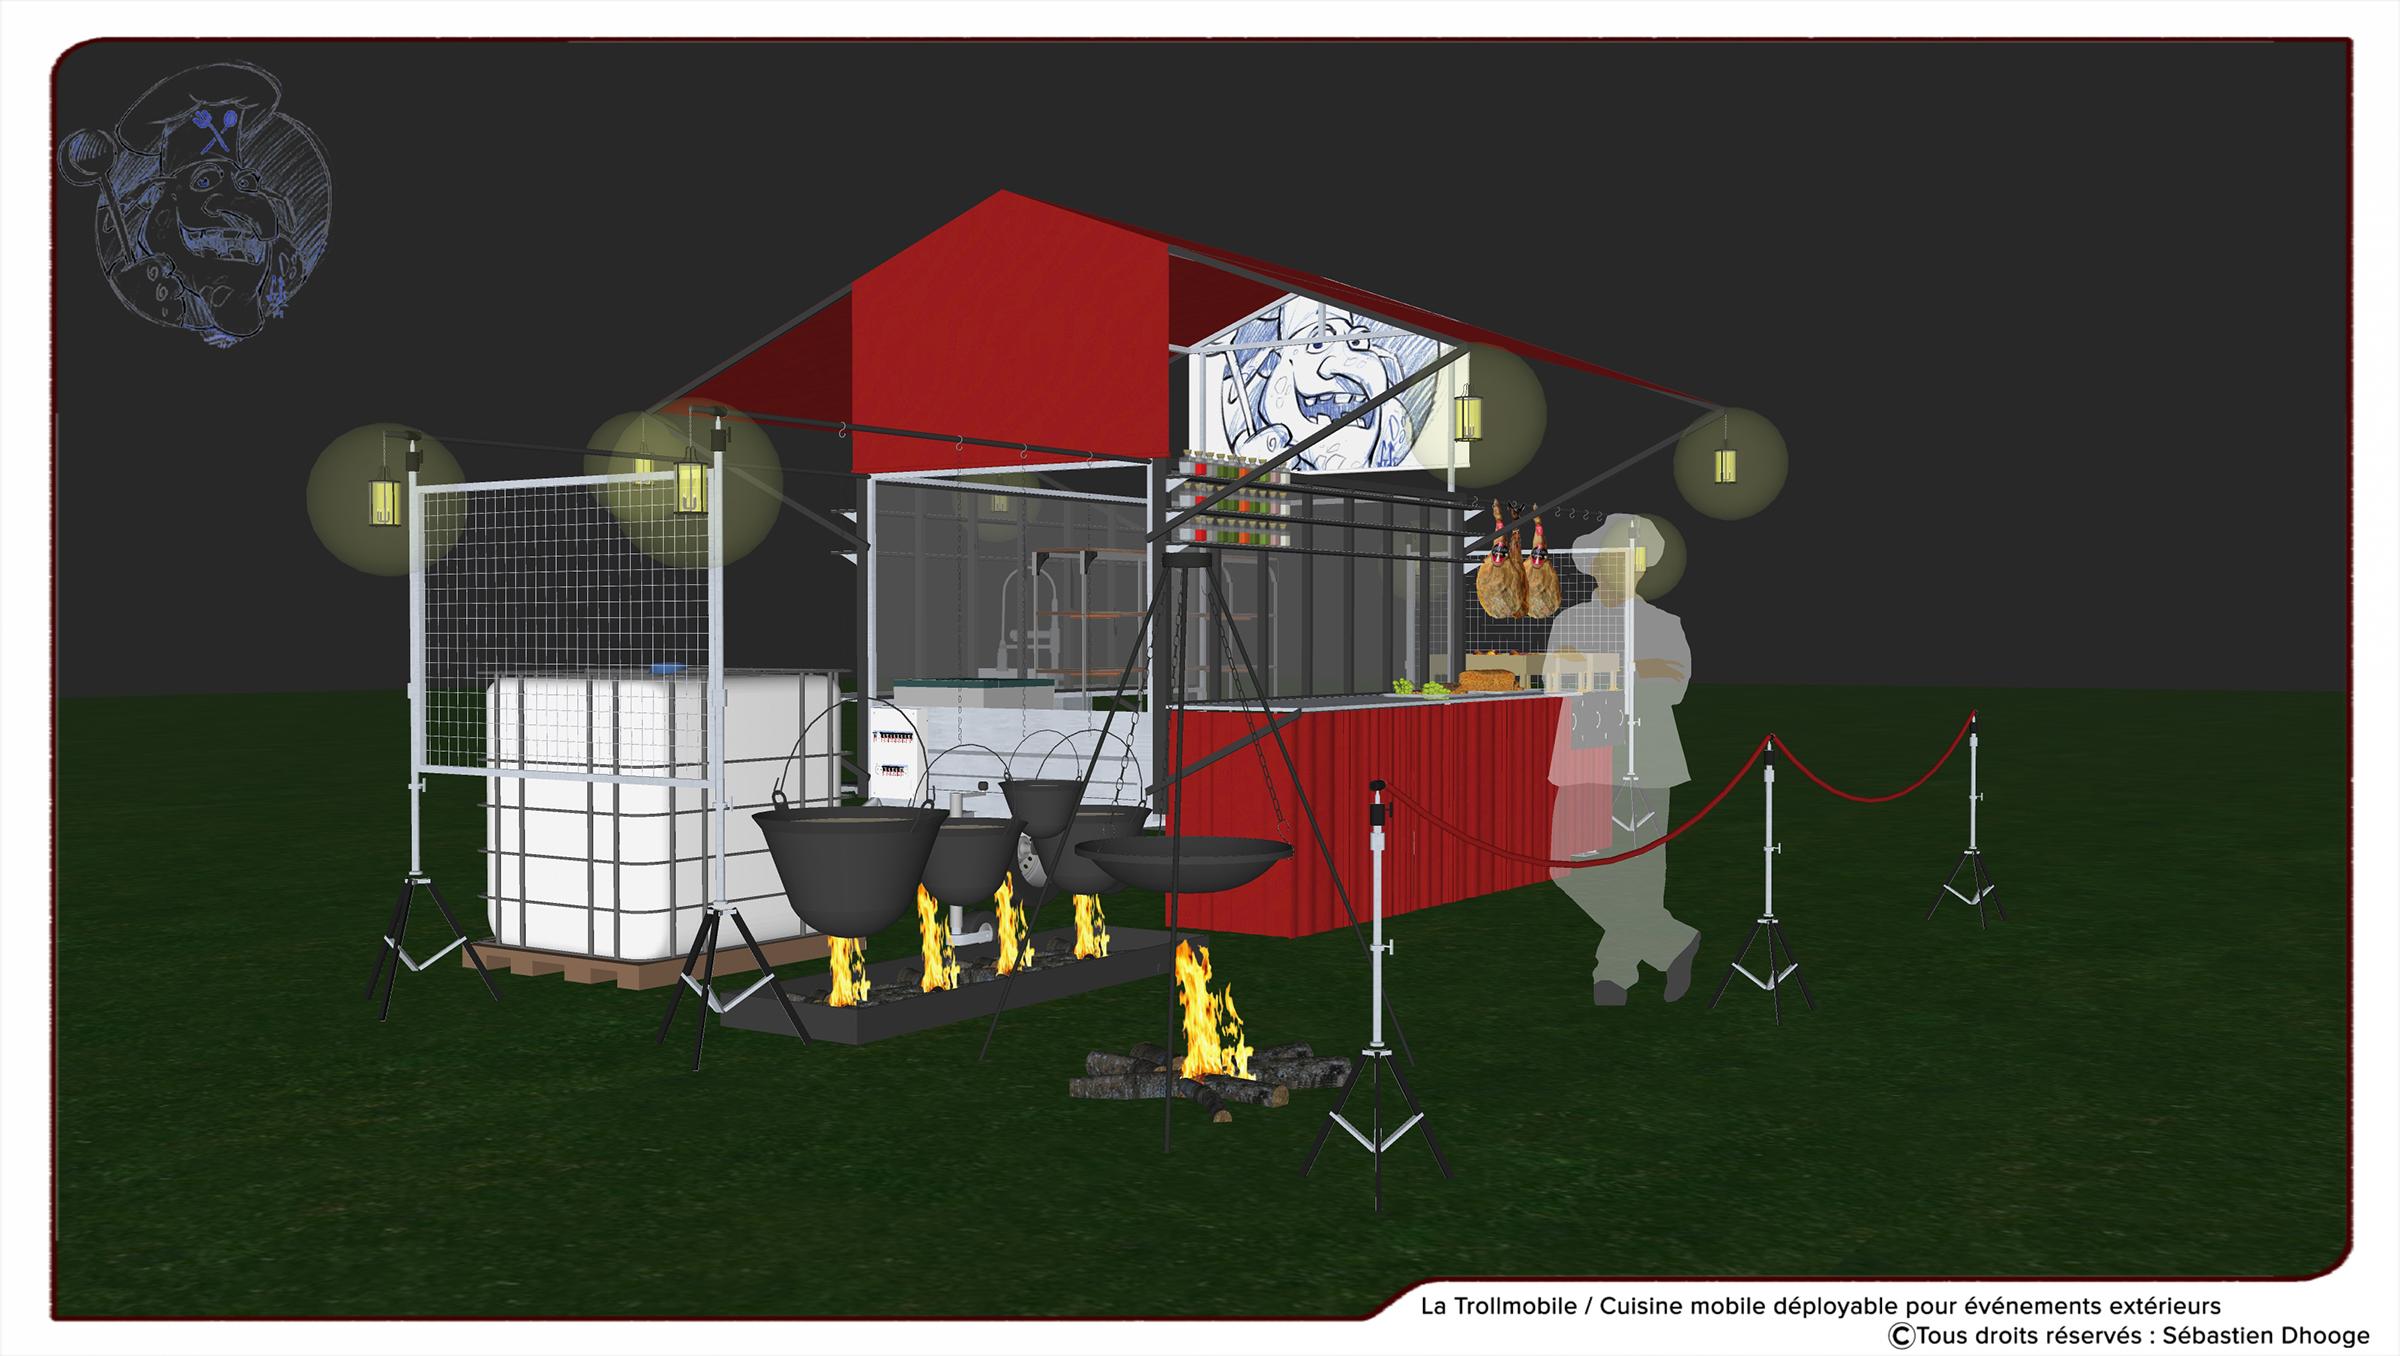 3d-trollmobileC-09-01-2015-vue5-finie-nuit-2400